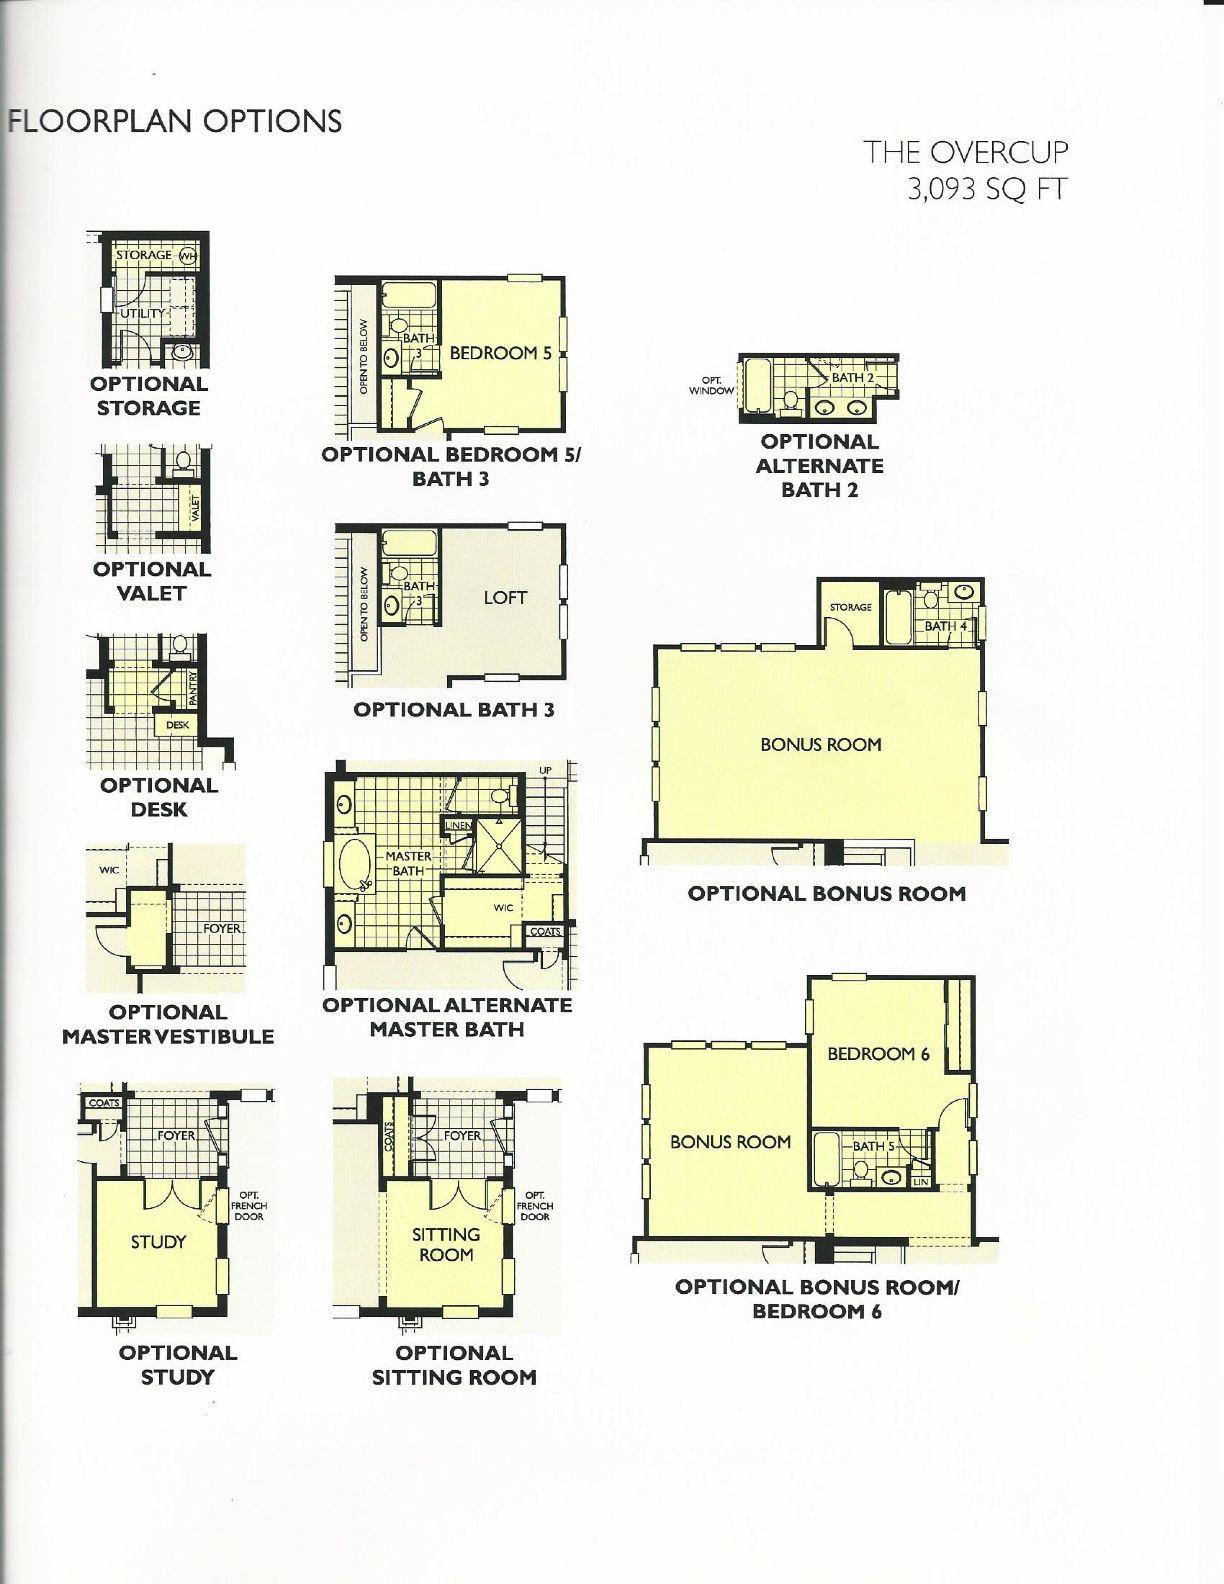 Oakland Park Overcup Floor Plan Options In Winter Garden FL